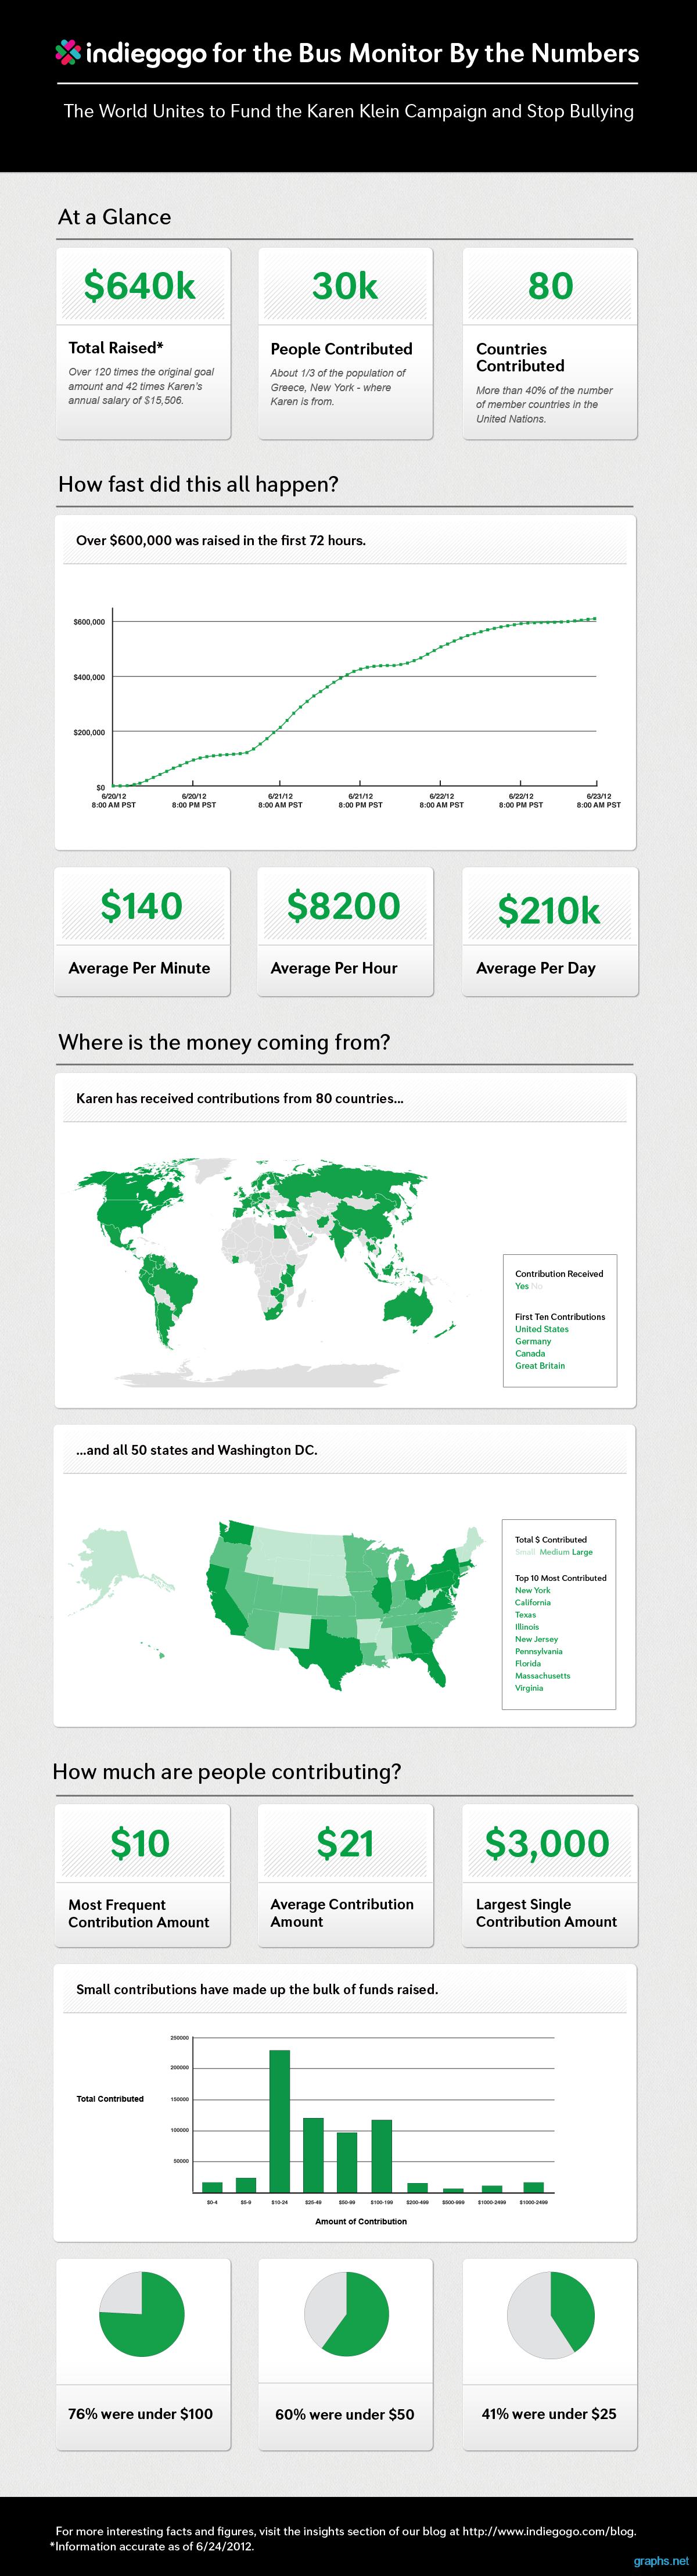 indiegogo campaign statistics